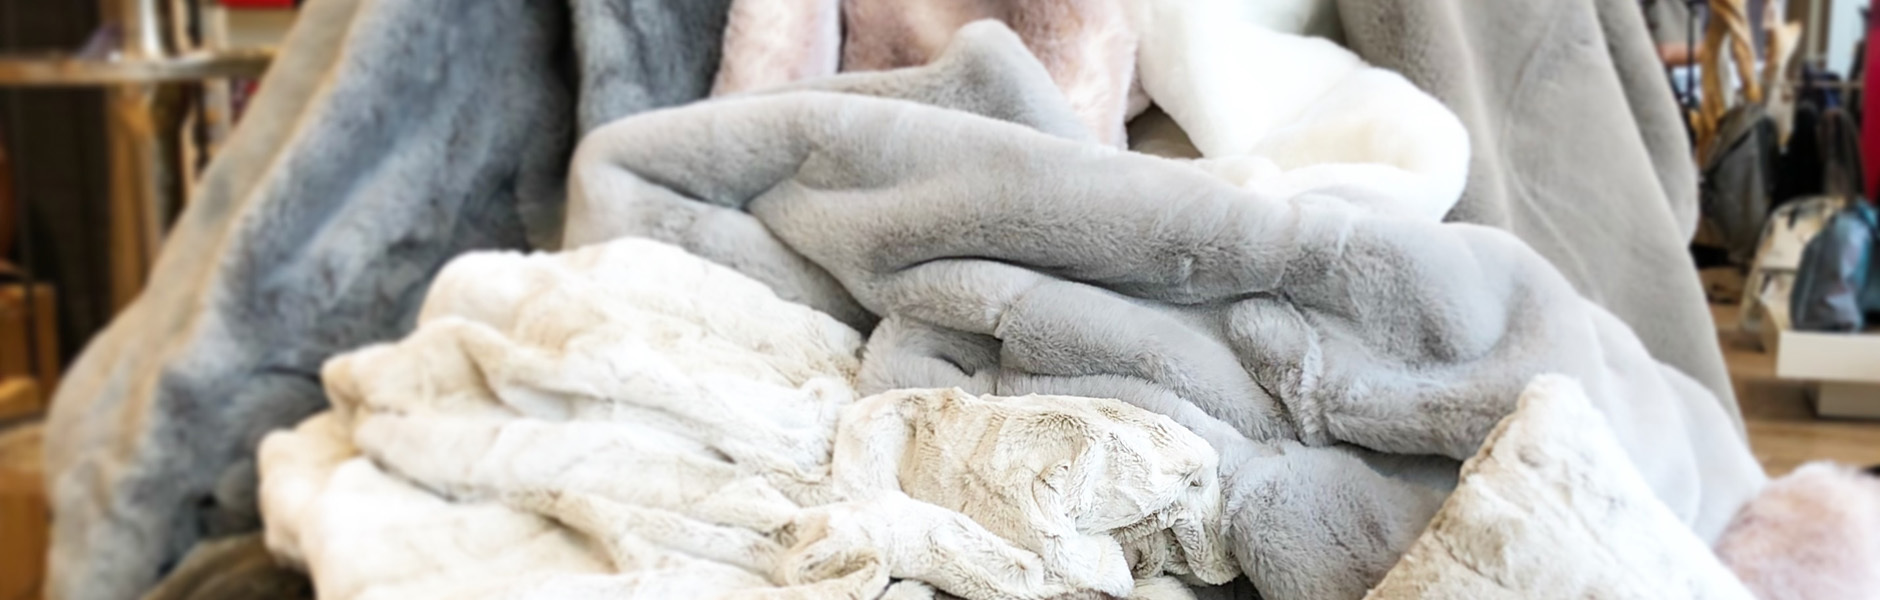 Full Size of Deckenleuchten Bad Wohnzimmer Decken Led Deckenleuchte Küche Deckenlampen Modern Schlafzimmer Tagesdecken Für Betten Badezimmer Deckenlampe Schöne Mein Wohnzimmer Schöne Decken